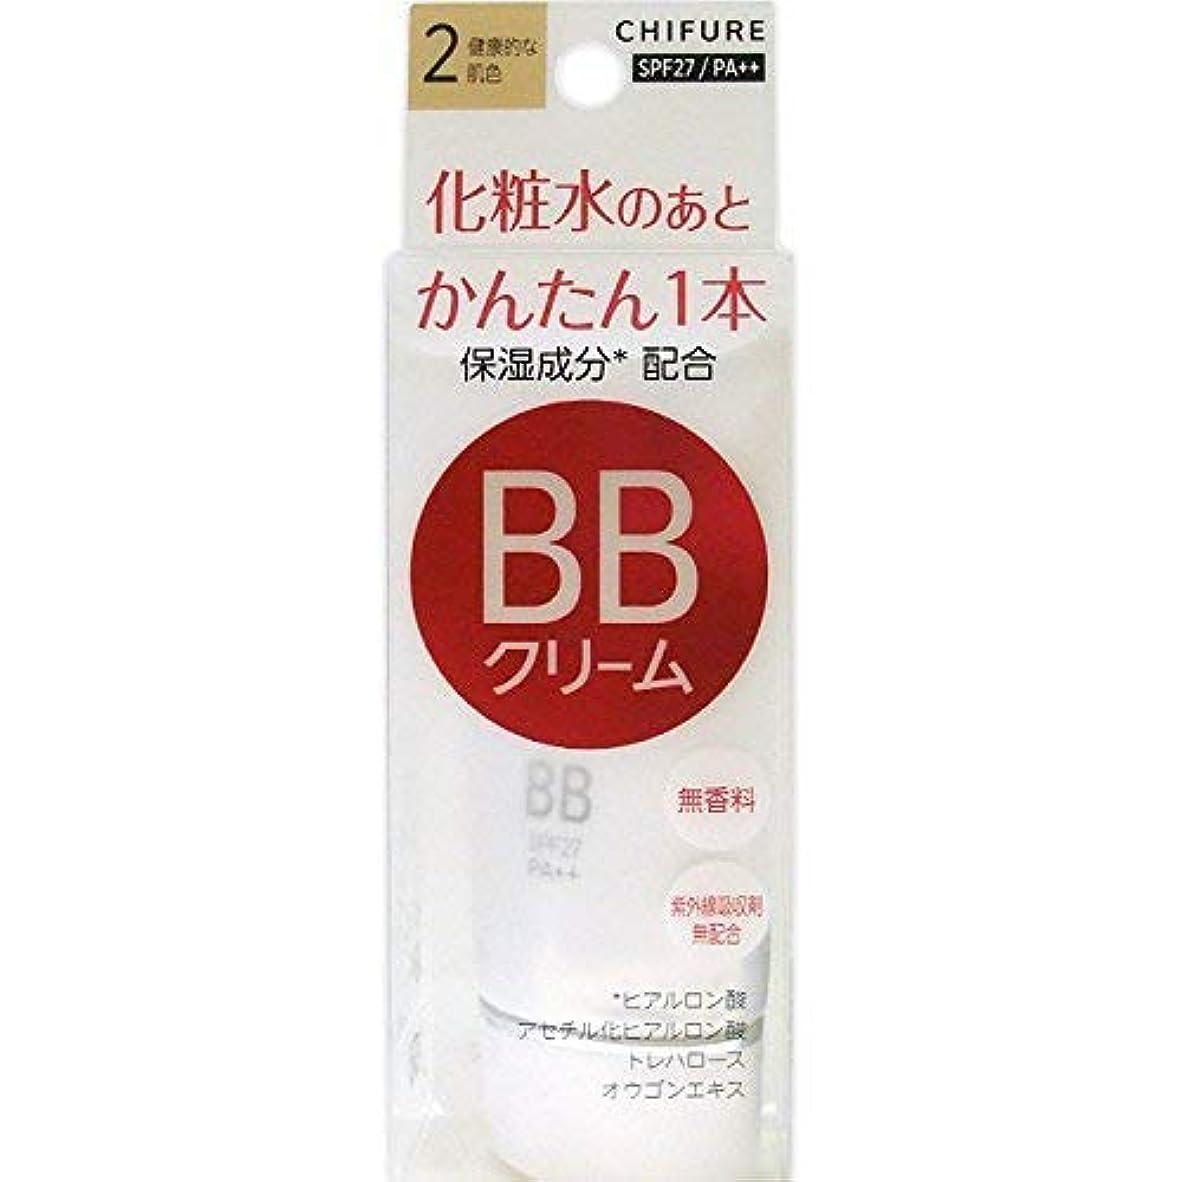 穀物プロトタイプグレートオークちふれ化粧品 BB クリーム 2 健康的な肌色 BBクリーム 2